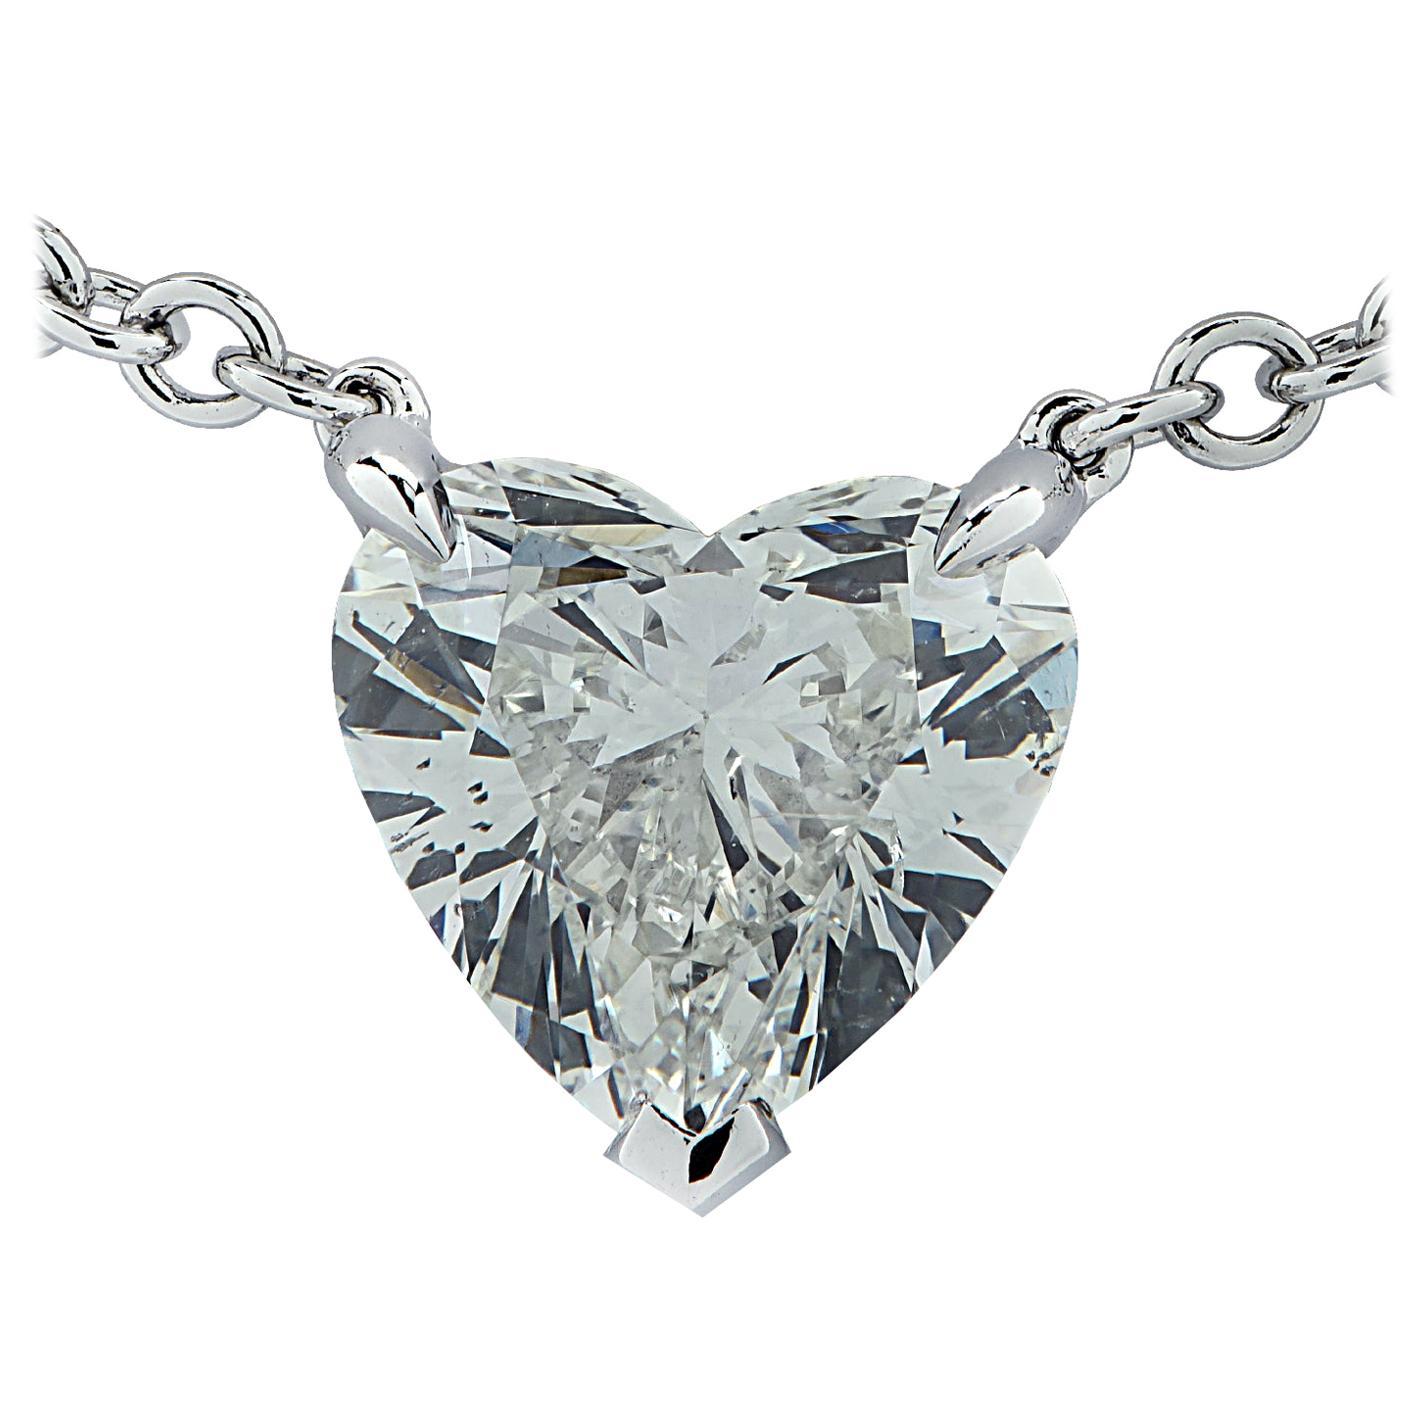 Vivid Diamonds GIA Certified 1.20 Carat Heart Shape Diamond Necklace